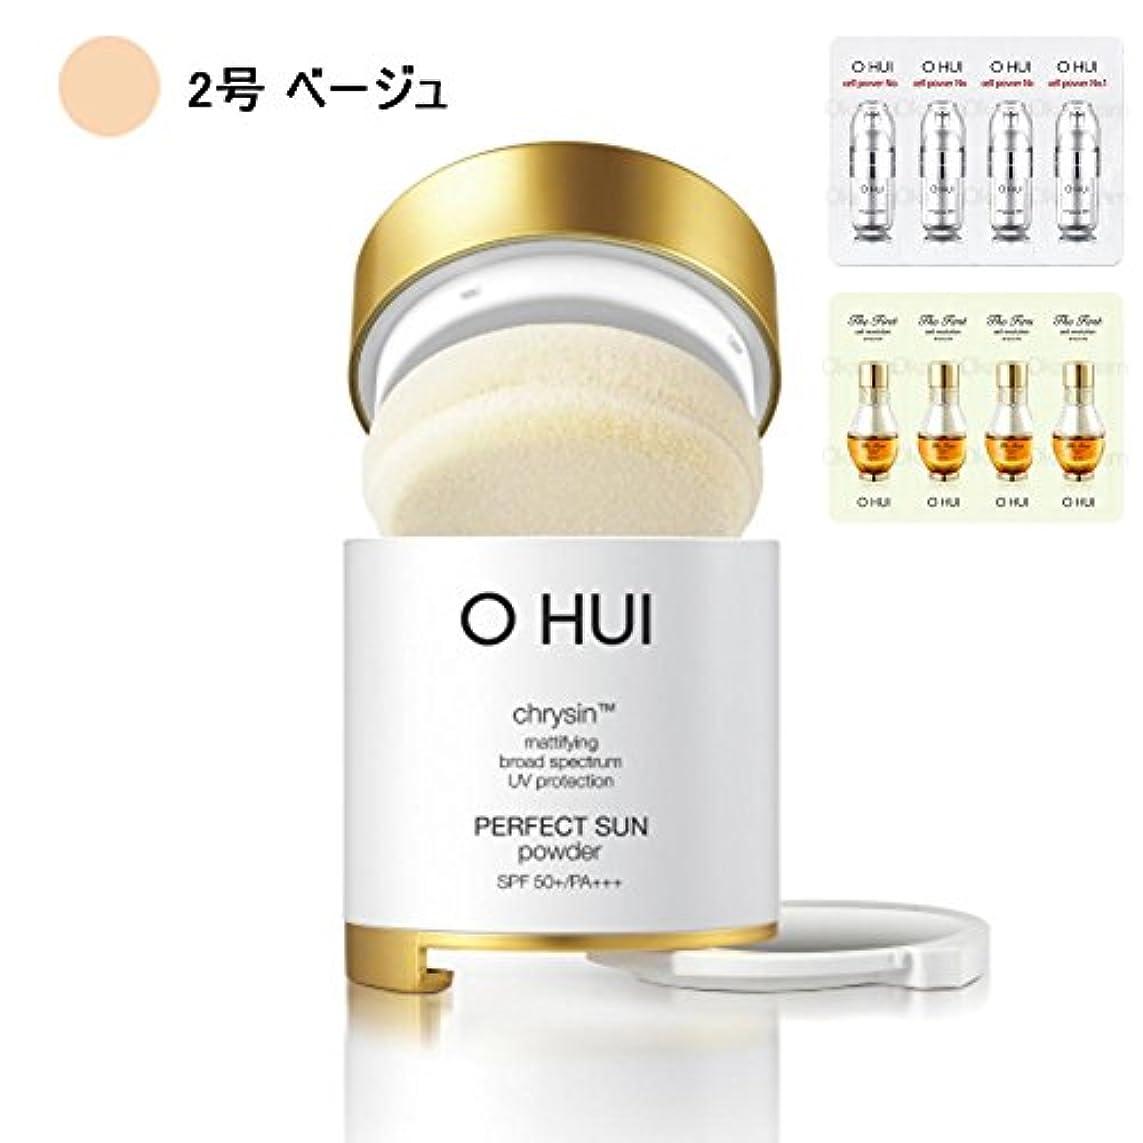 細心の経済的キャラバン[オフィ/O HUI]韓国化粧品 LG生活健康/OHUI OFS06 PERFECT SUN POWDER/オフィ パーフェクトサンパウダー 2号 (SPF50+/PA+++) +[Sample Gift](海外直送品)